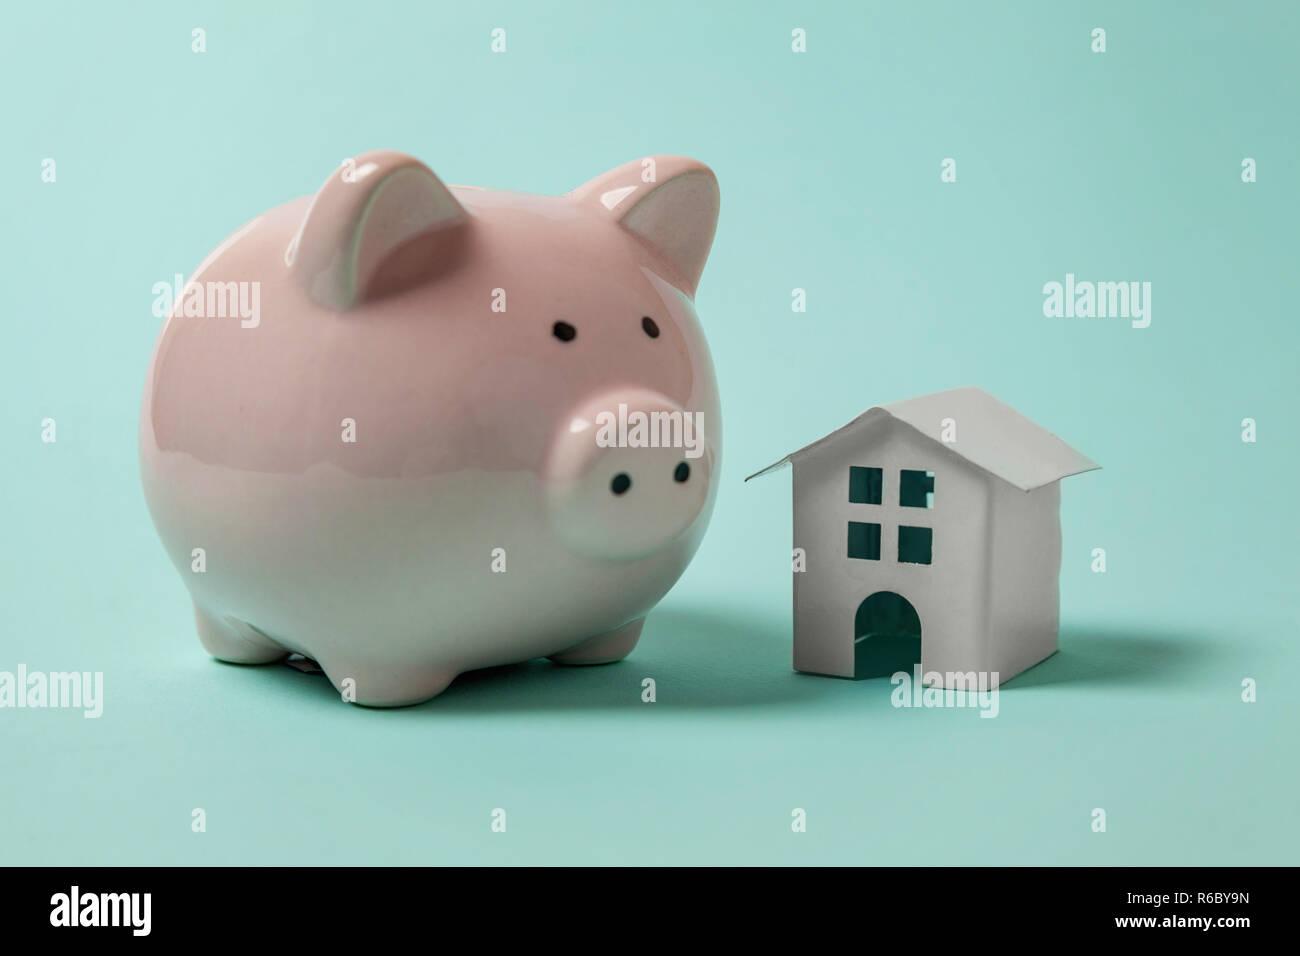 Conception simple avec miniature toy house, tirelire isolé isolé sur fond bleu pastel très tendance aux couleurs vives. L'assurance des biens hypothécaires dream home banking concept prêt à l'investissement. Copy space Banque D'Images